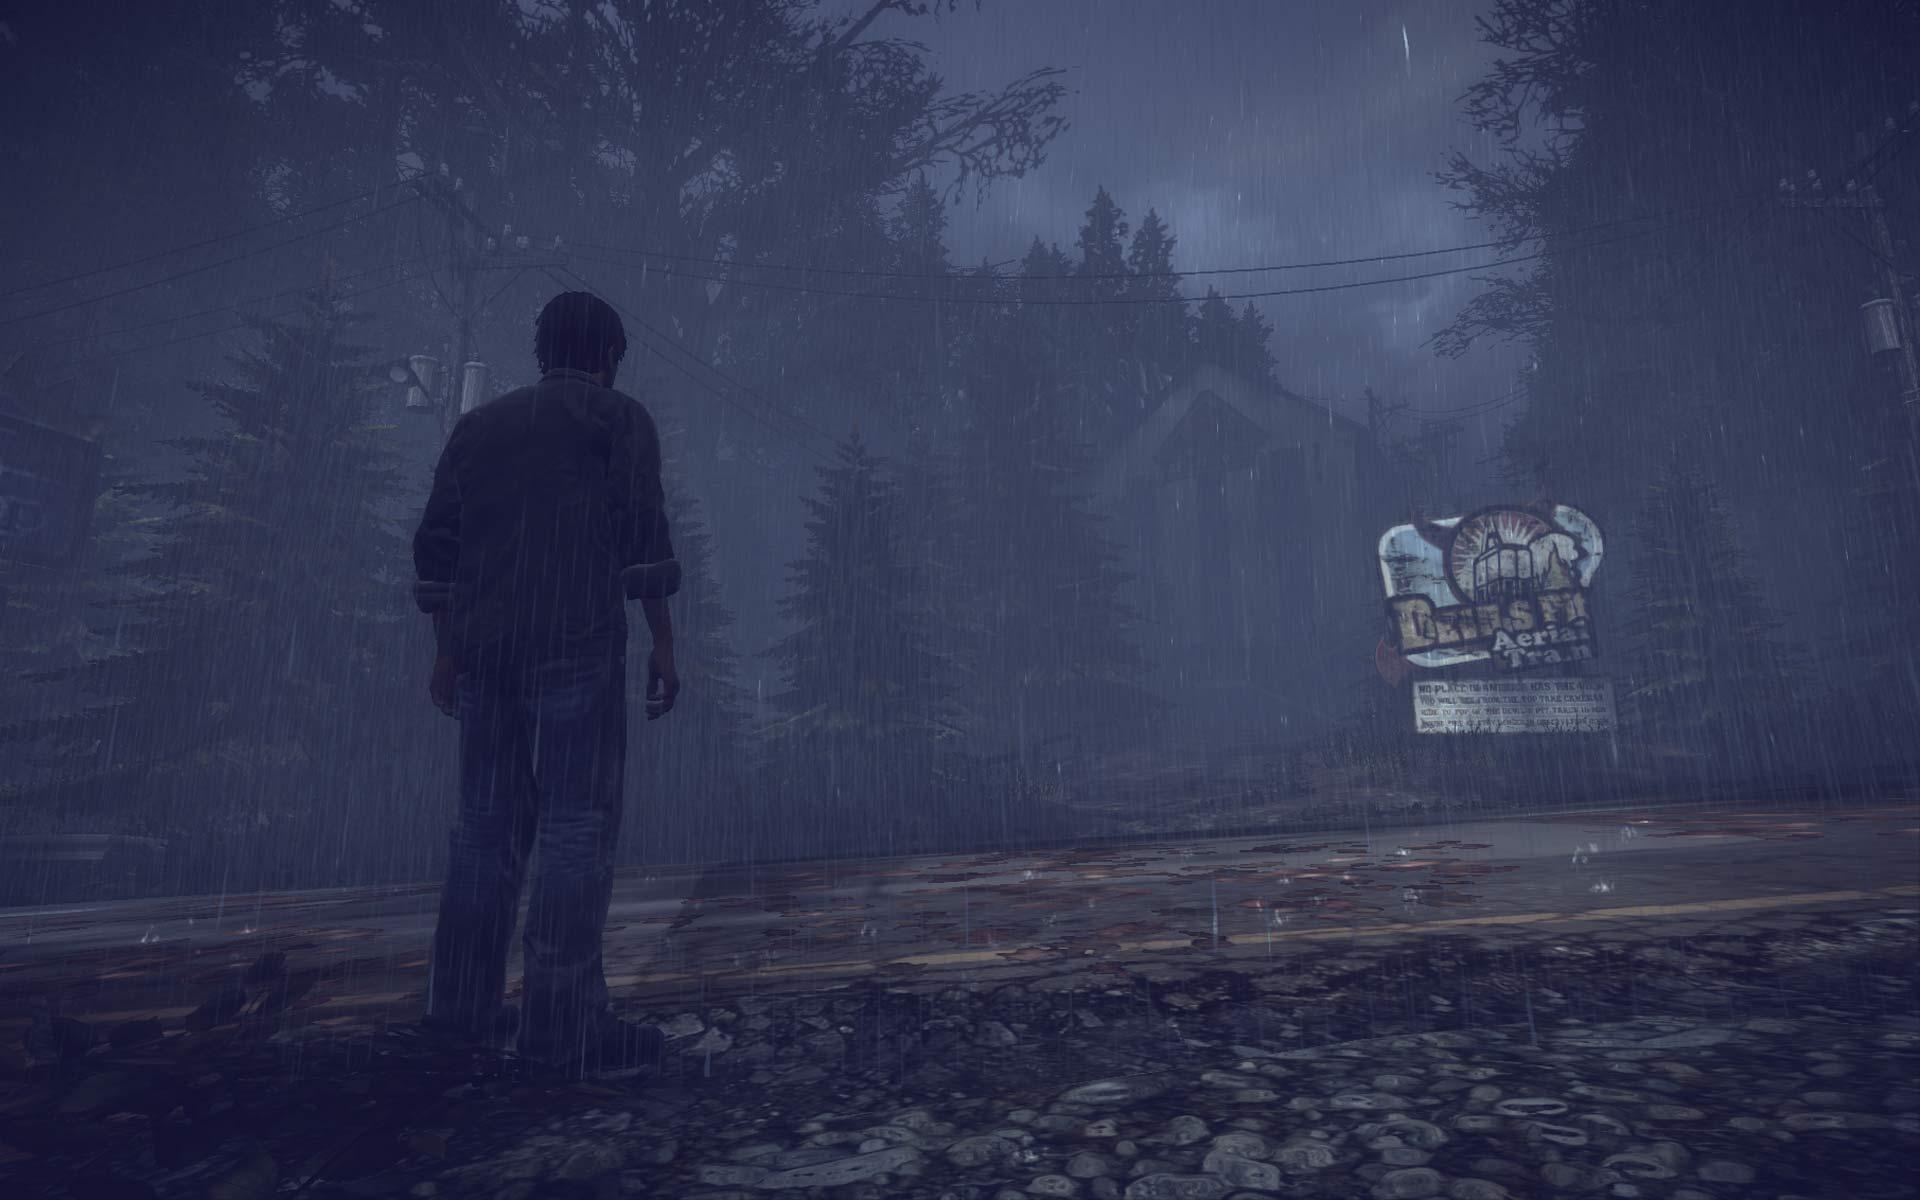 První pohlednice z potemnělého Silent Hill: Downpour 30033